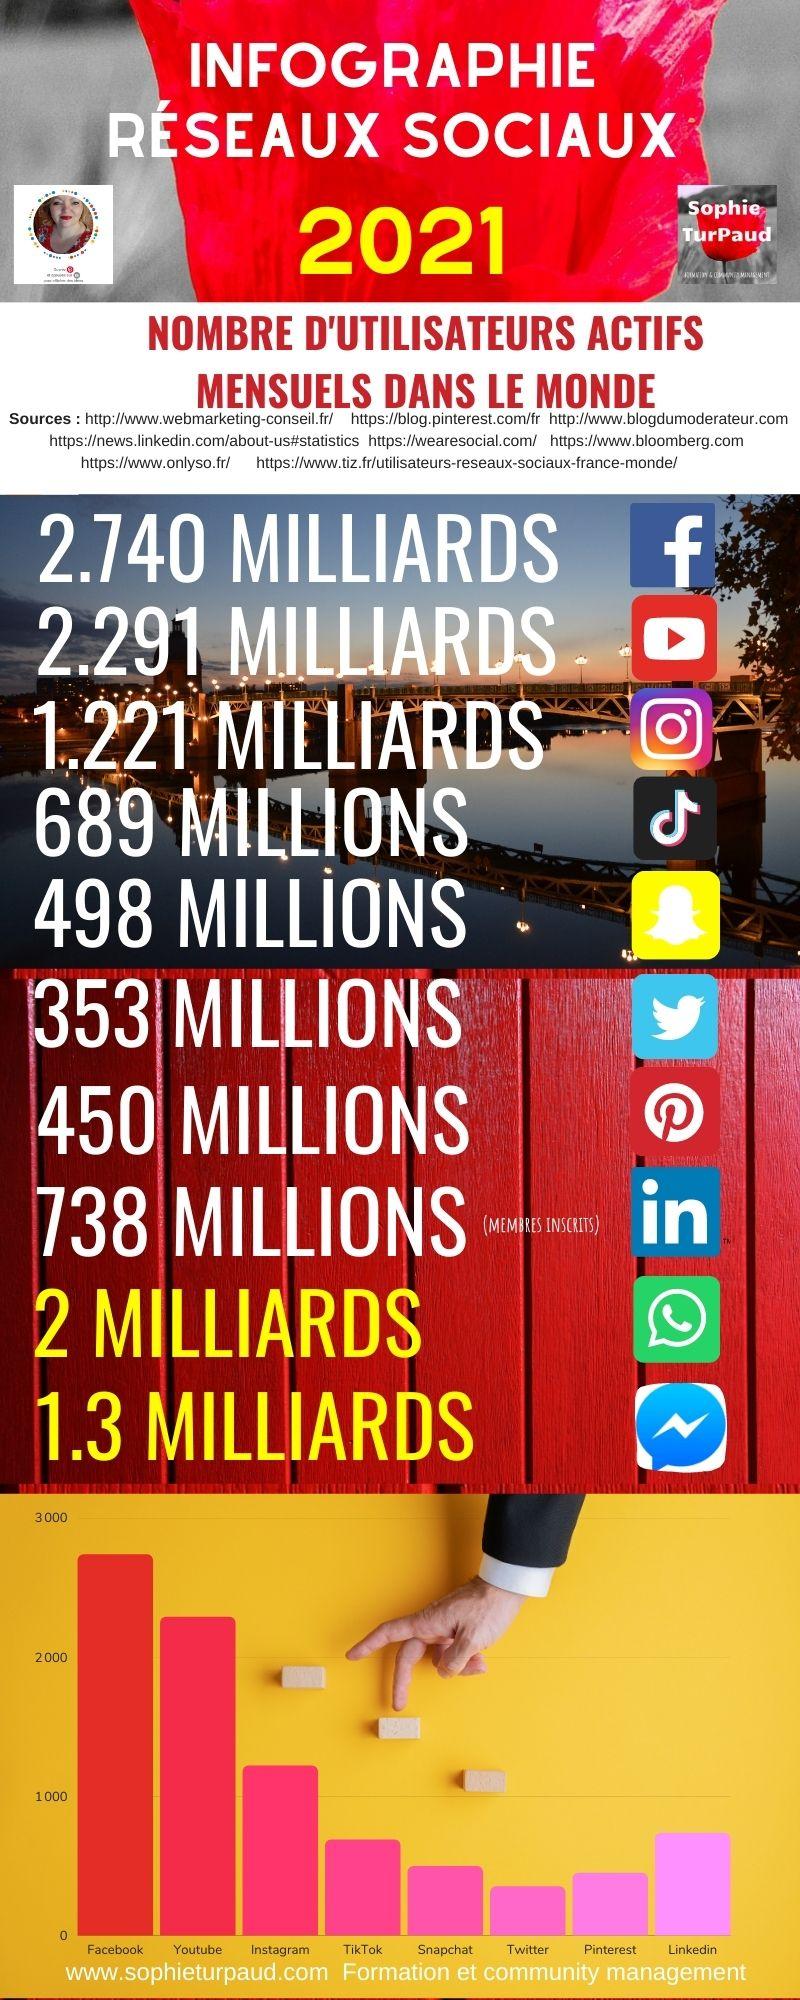 Infographie chiffres réseaux sociaux 2021 via @sophieturpaud #socialmedia